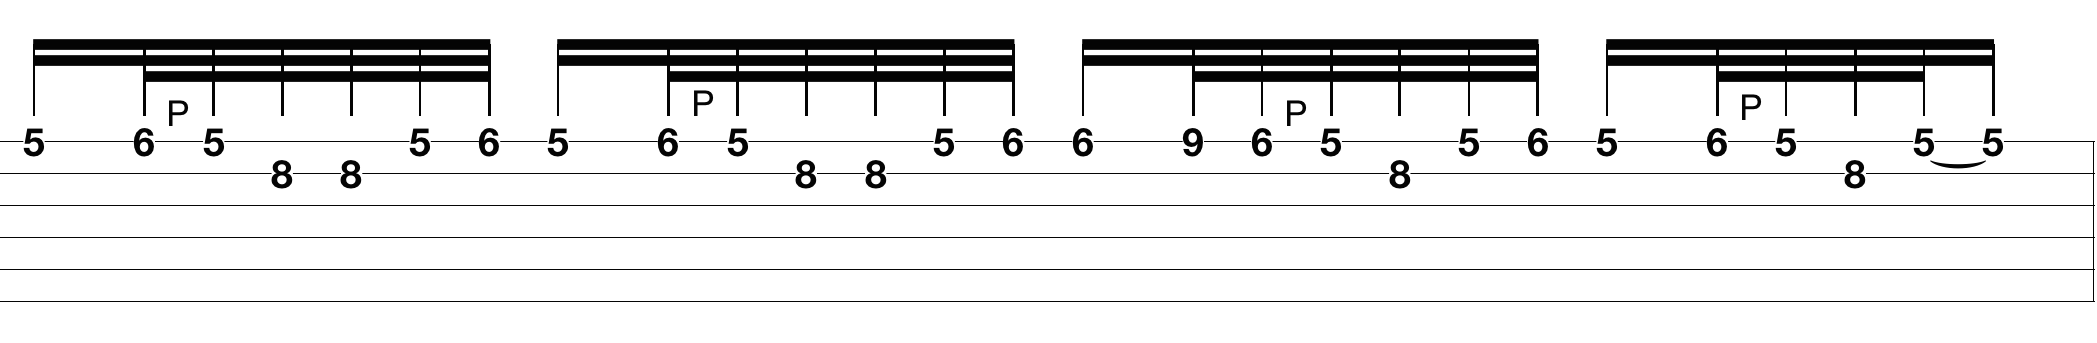 spanish-guitar-licks_2.png